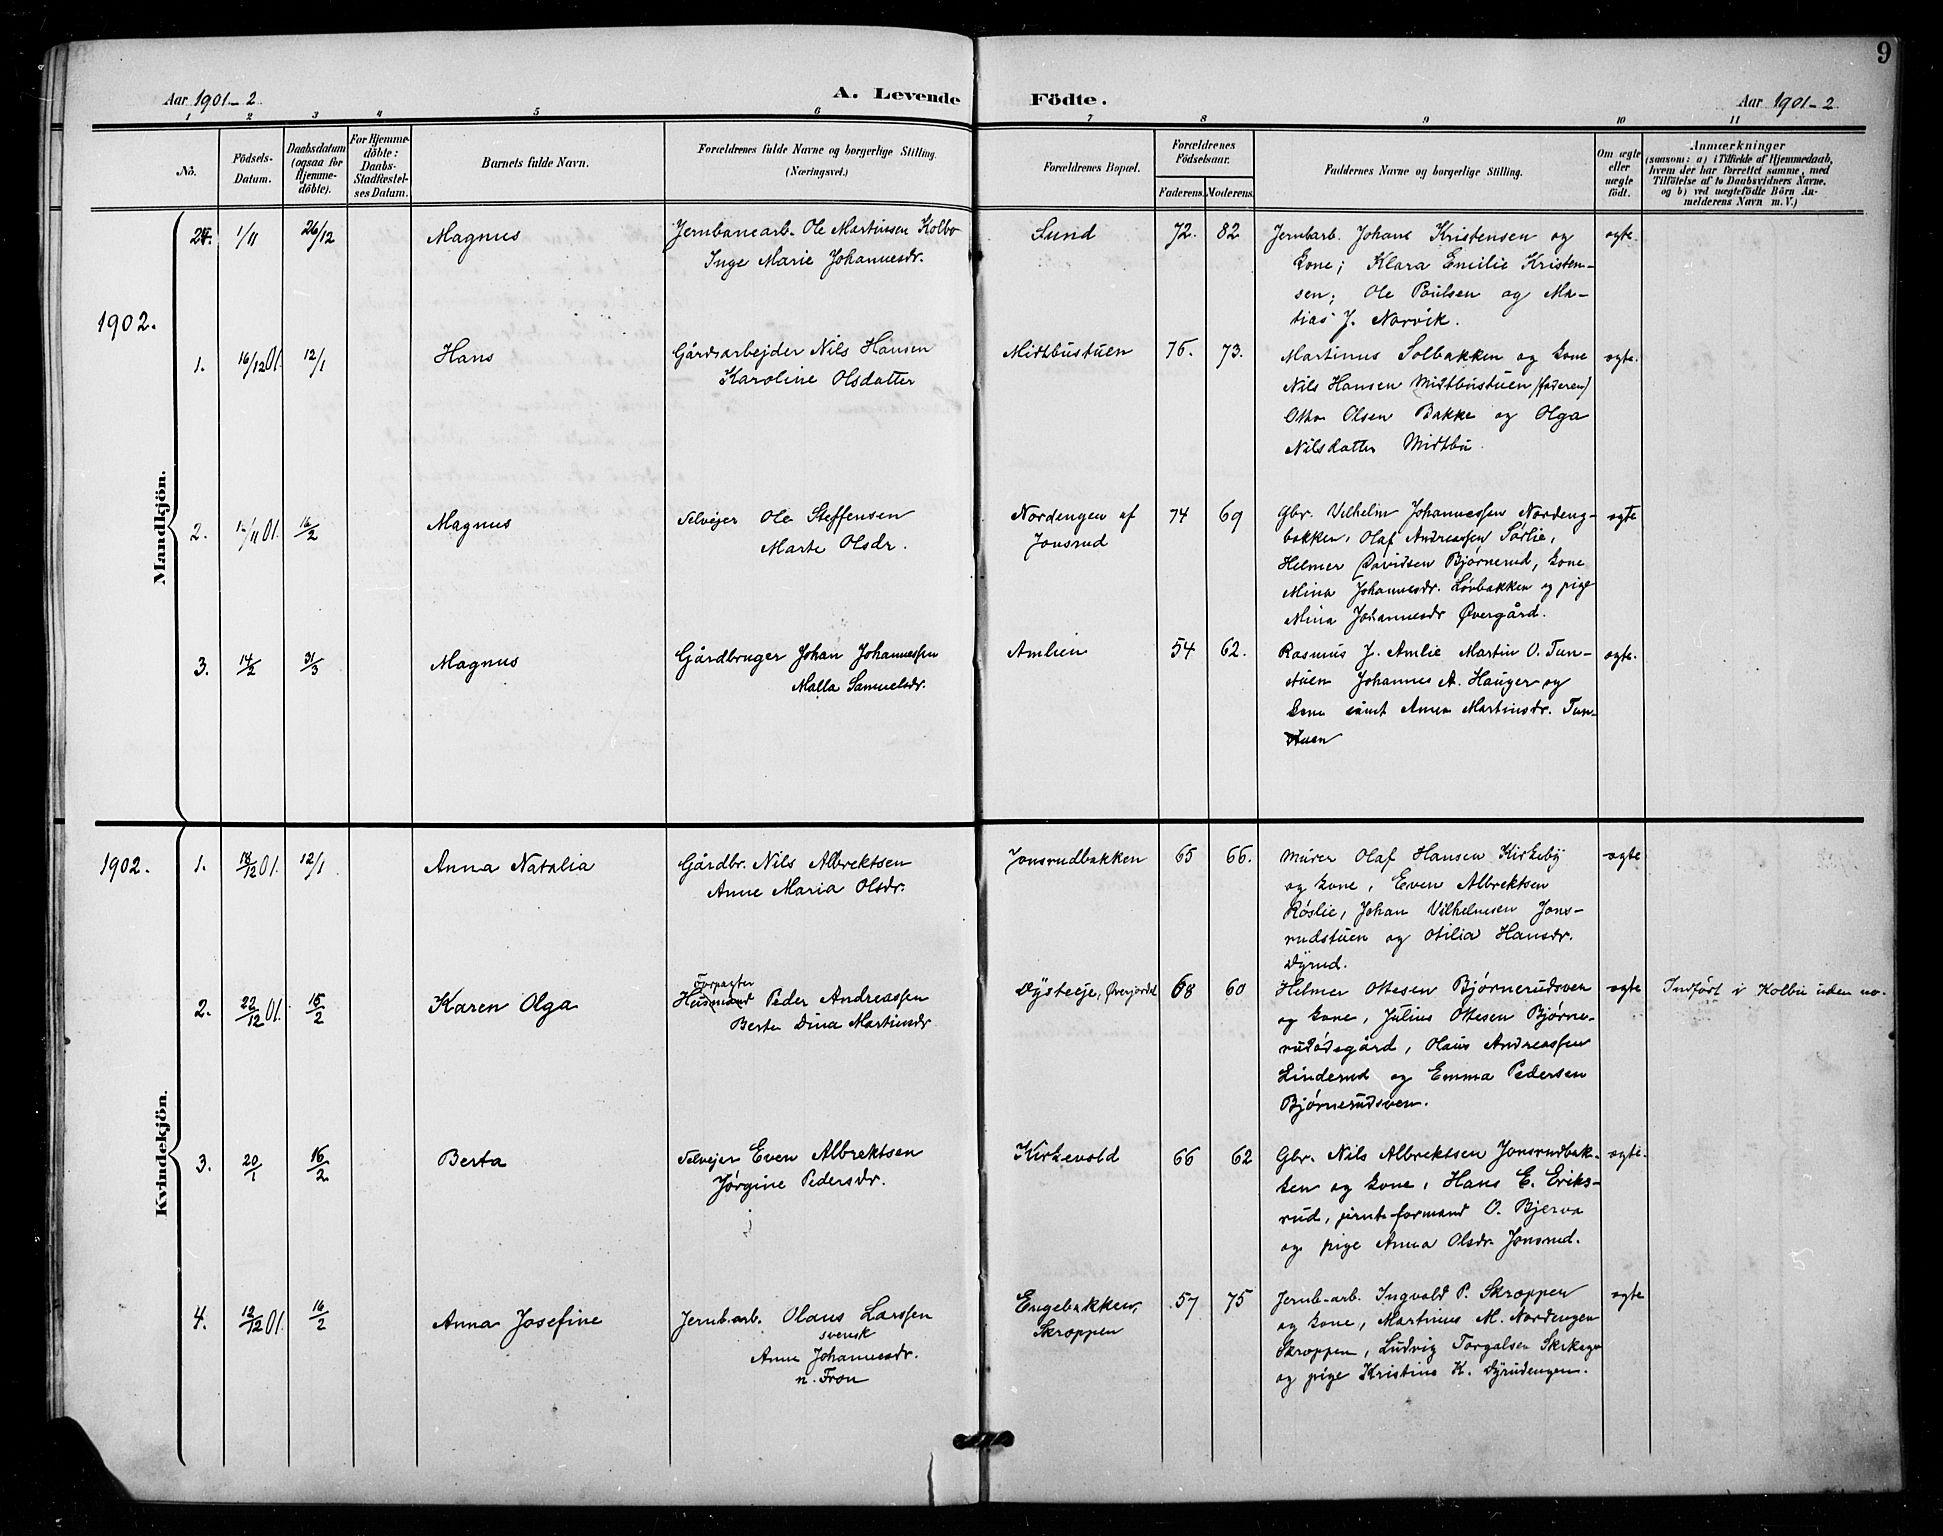 SAH, Vestre Toten prestekontor, Klokkerbok nr. 16, 1901-1915, s. 9